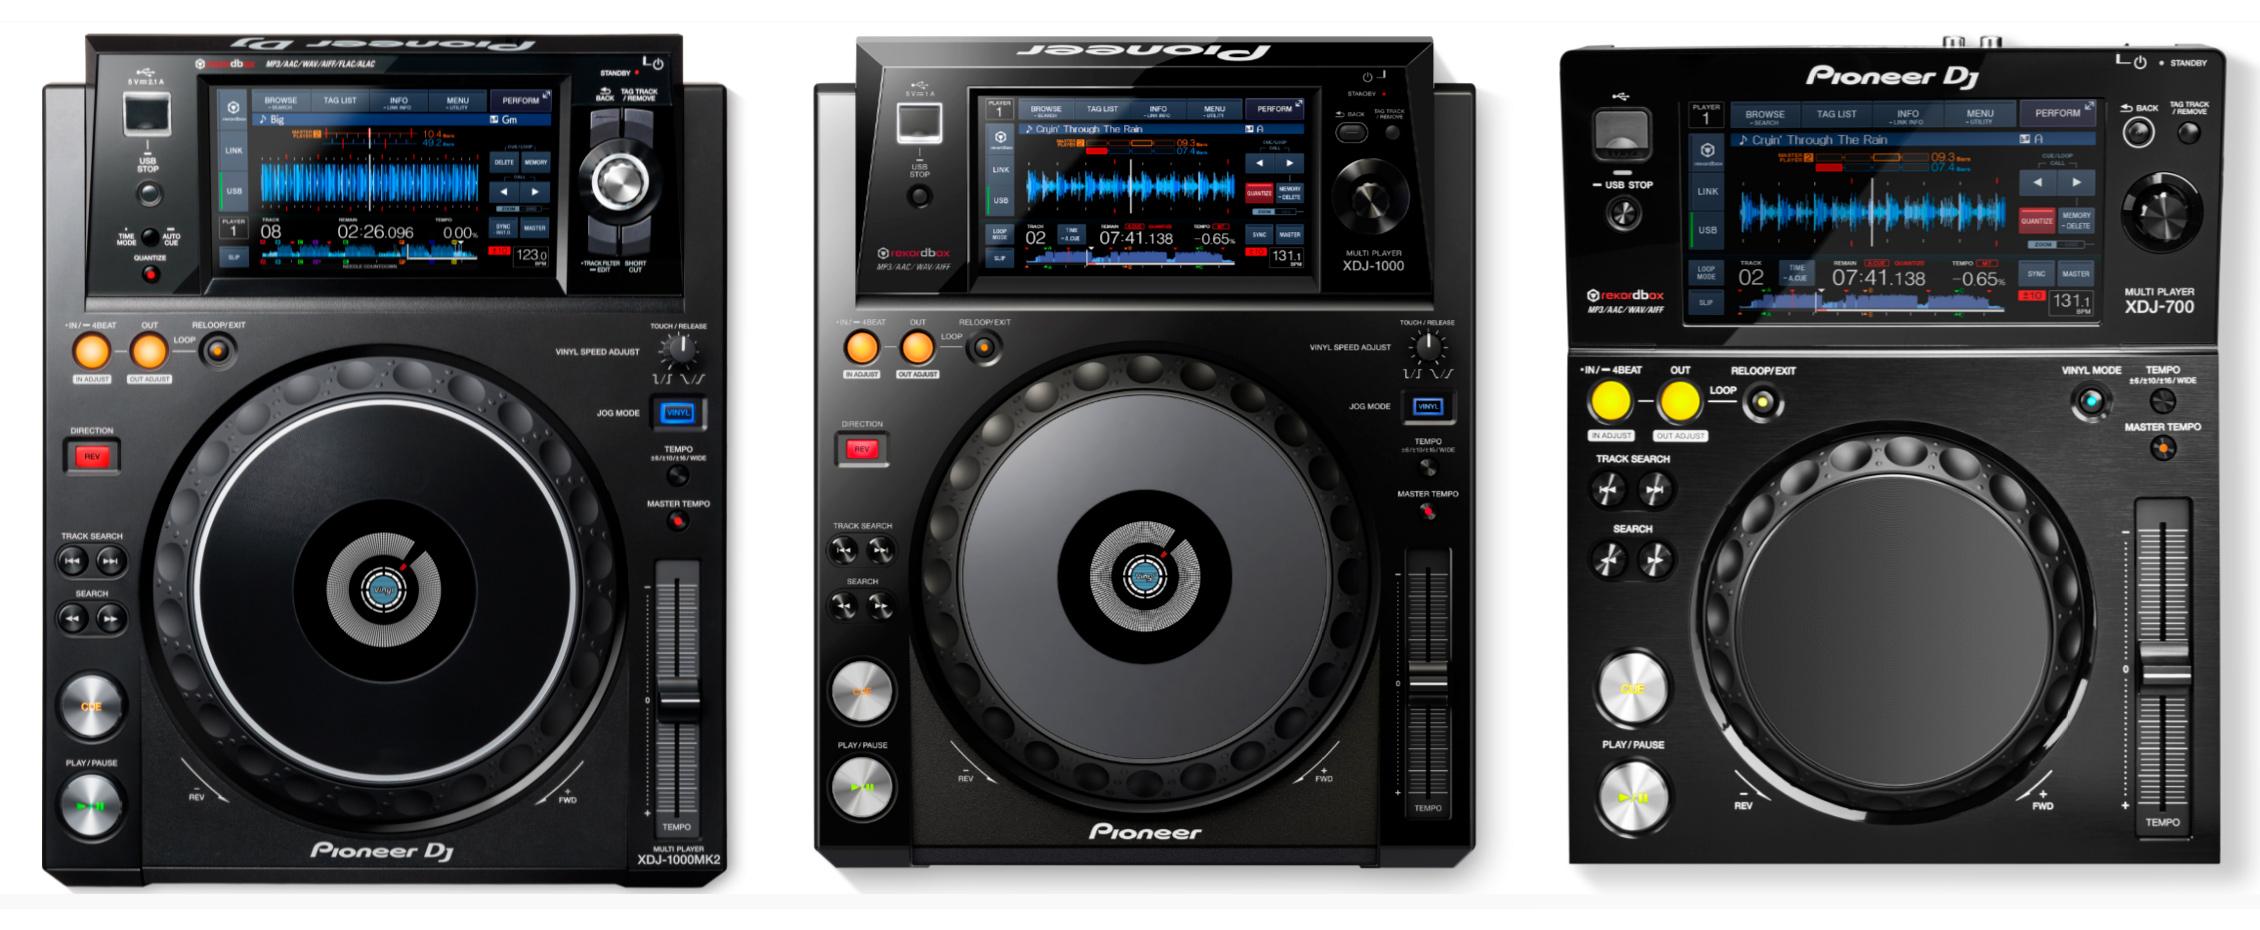 Pioneer DJ XDJ